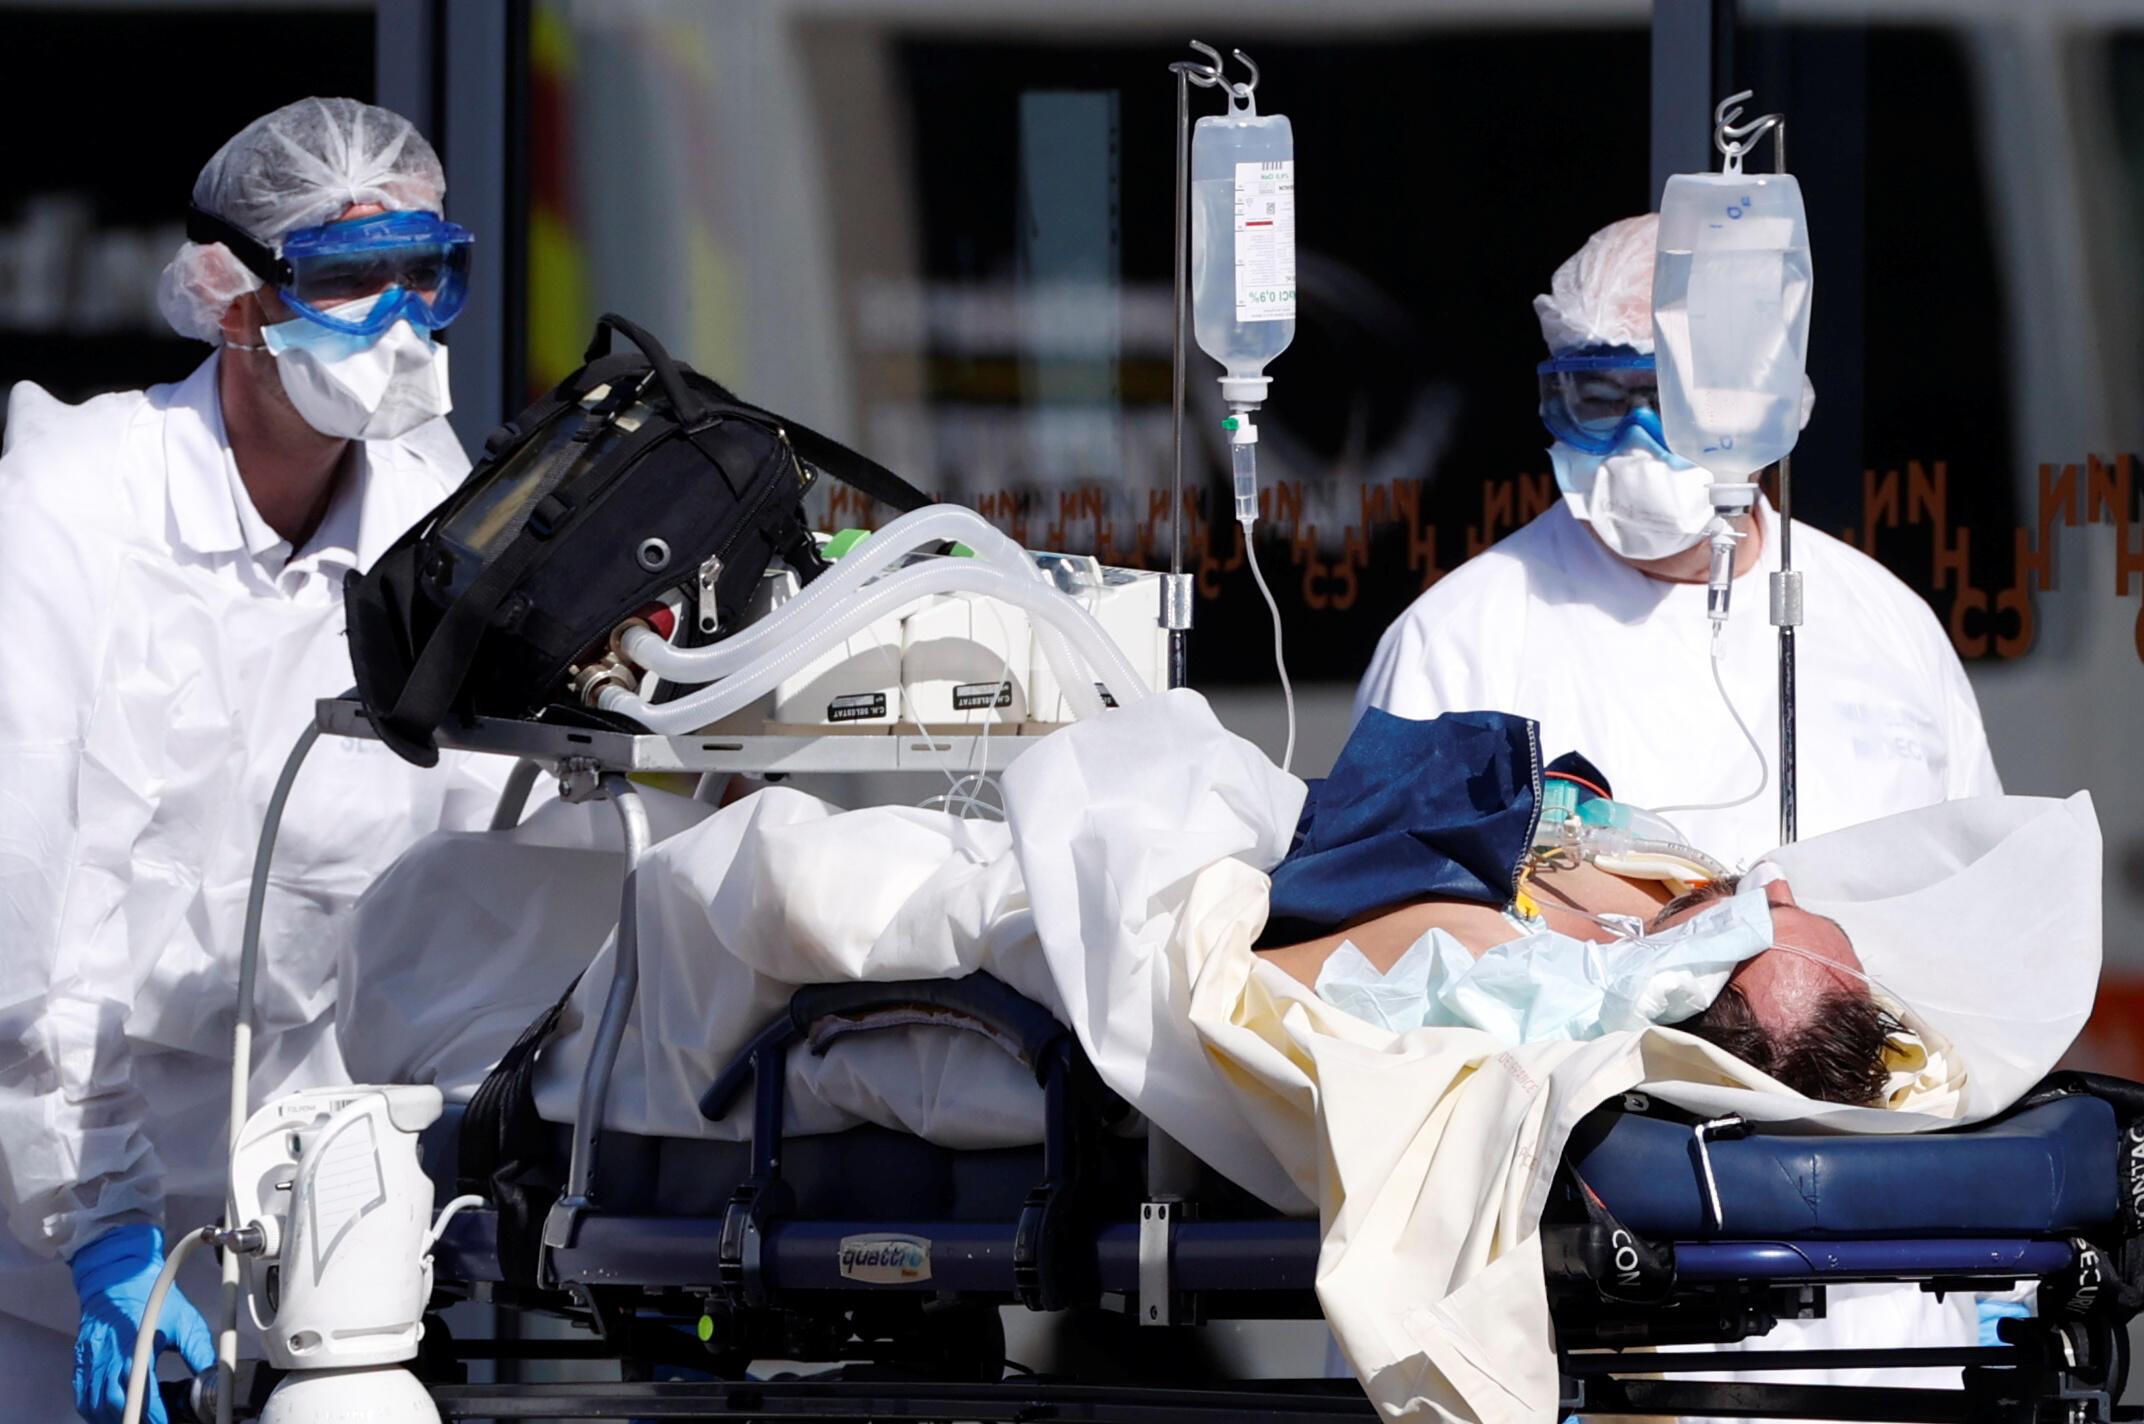 Equipe do Samu transporta paciente com coronavírus para Hospital Universitário de Estrasburgo, no leste da França.